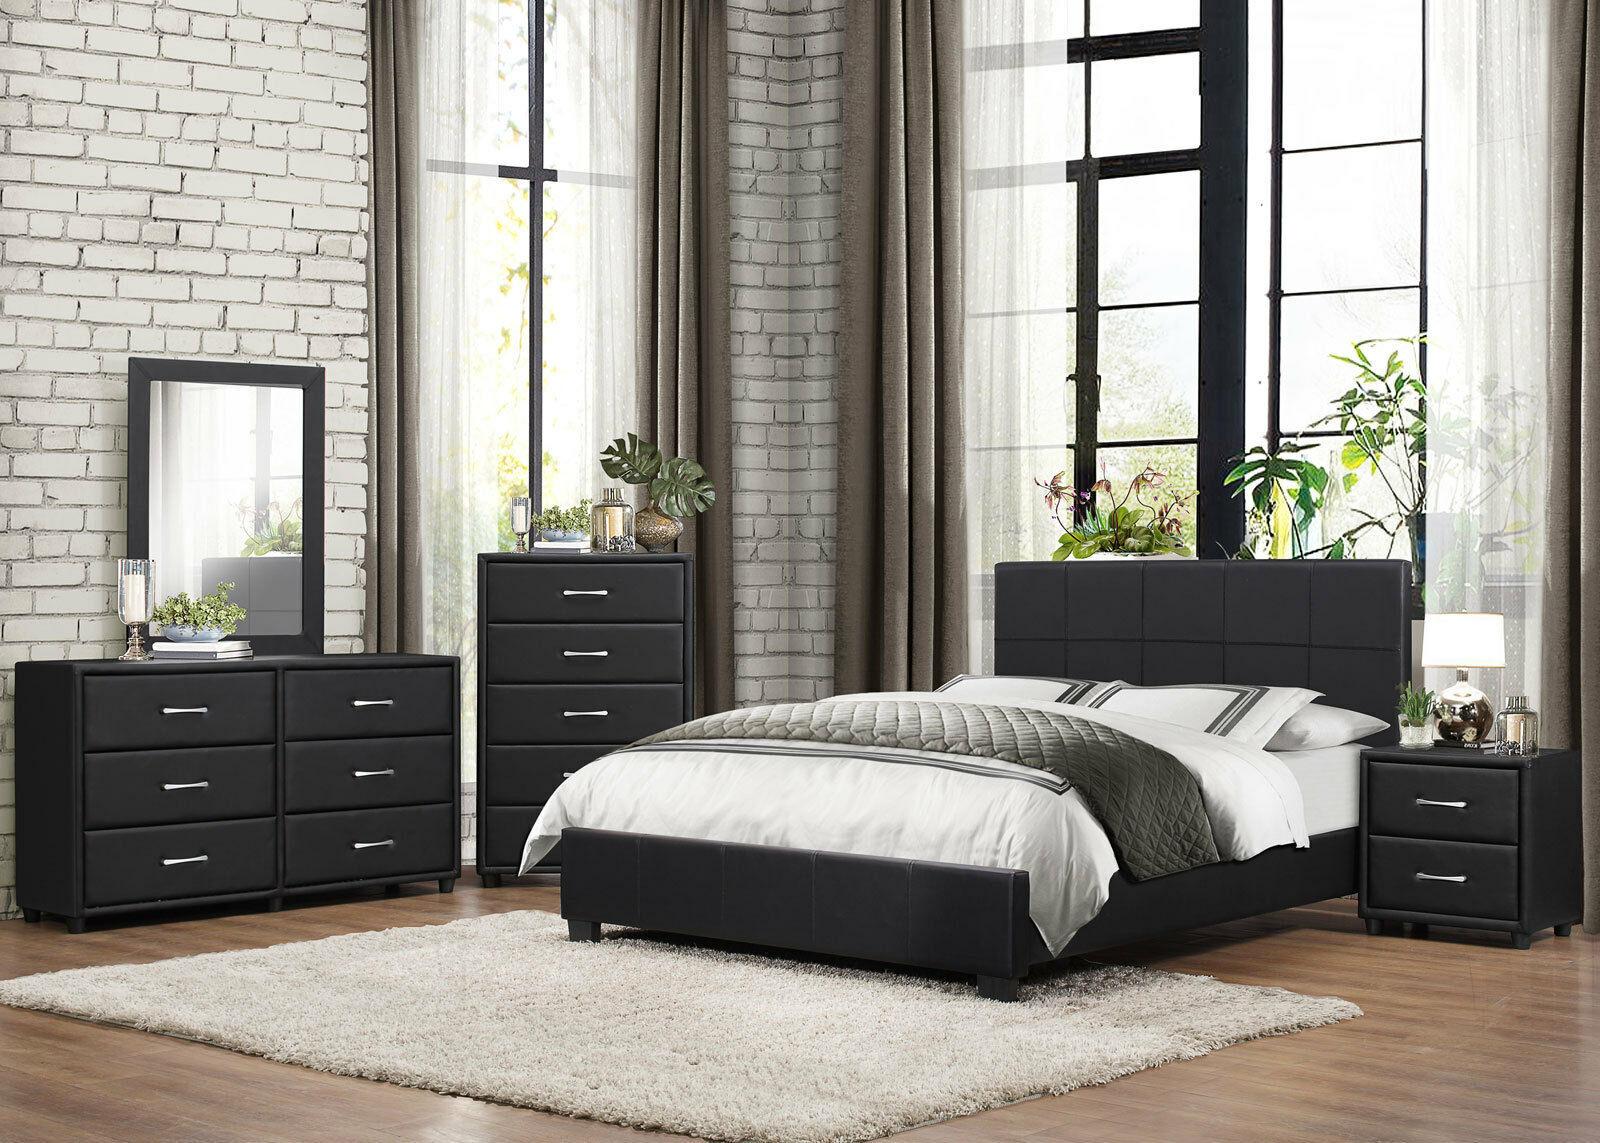 NEW BIRCHDALE 5 Pieces Modern Black Bedroom Suite W. Queen